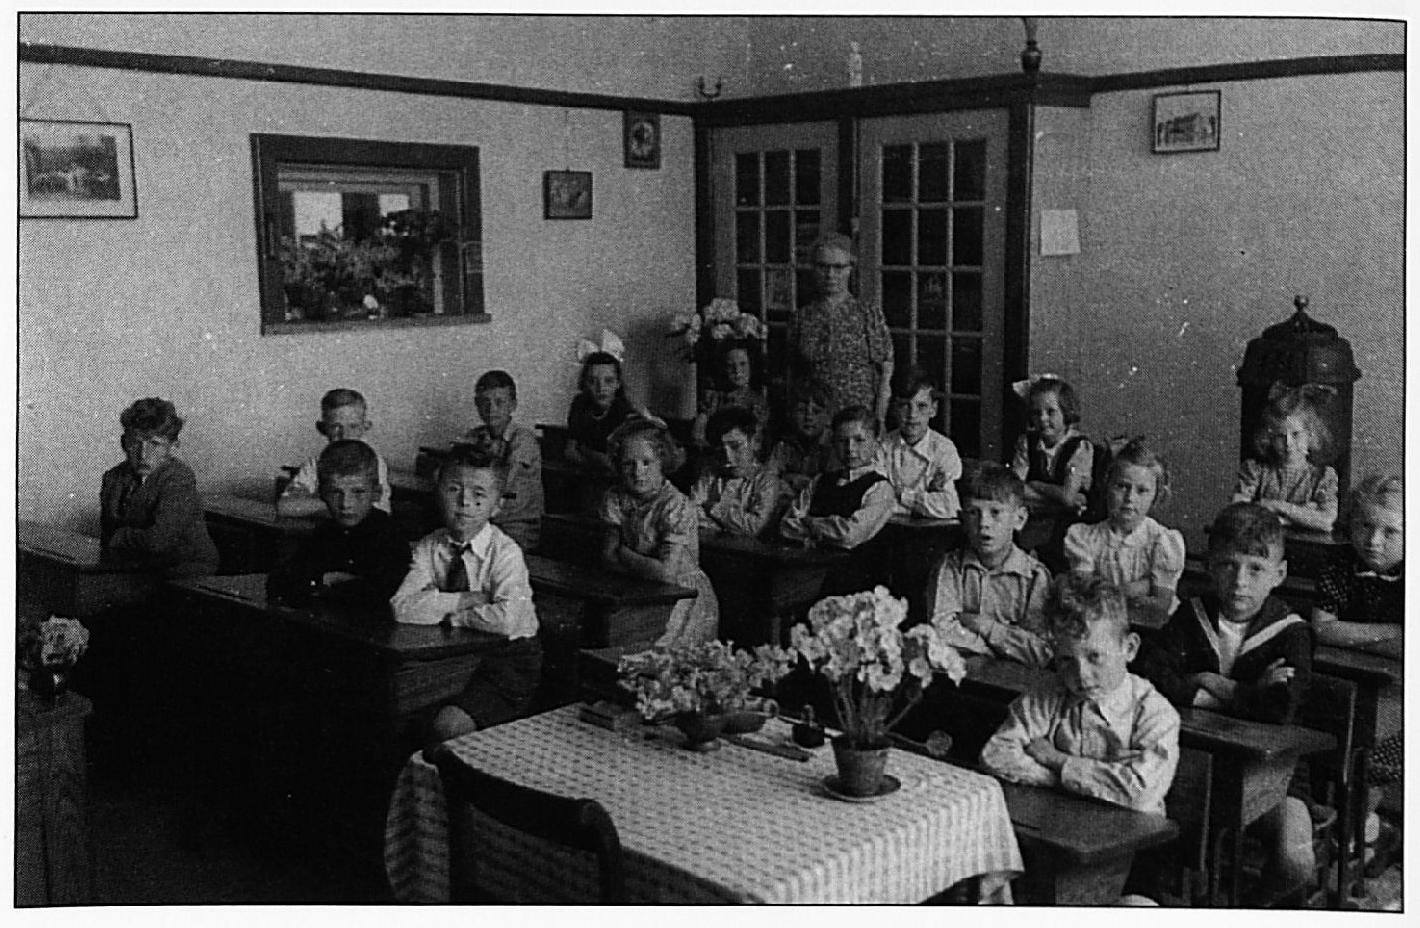 Een foto uit 1947. V.l.n.r., de rechtse rij: Huib Rutjens, Ries van Zuidam en Bart Valburg, Truus Schimmel en Gertrude Ruth, Zusje van Hoeke. Middelste rij: Jan van Ingen en Wim Verhoef, Bets de Graaf, Rinus van Zuidam en Kees van Ingen, Fier U do en Joke Verkerk, Riekie Hofman. Laatste rij: Sander van Ingen, Gé Broers, Han Valburg, Corrie van Ingen, Marietje van Oort en Juffrouw Liese.